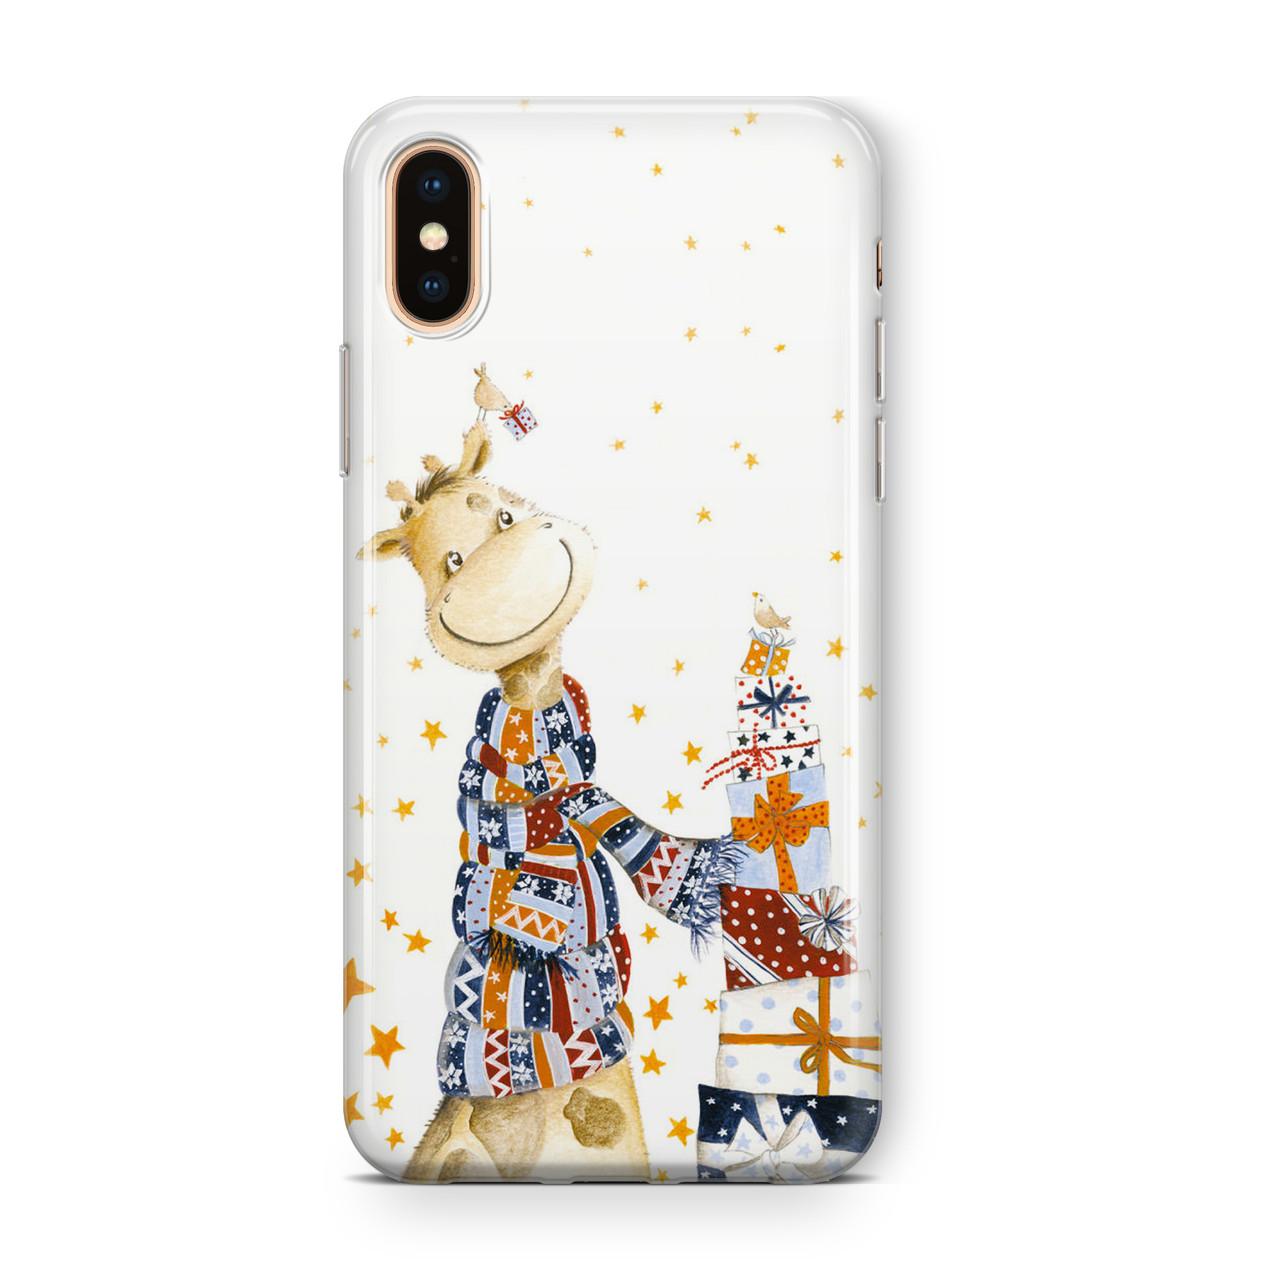 Дизайнерский пластиковый новогодний чехол для iPhone X/ XS /Xr /XS Max, с жирафом возле подарков